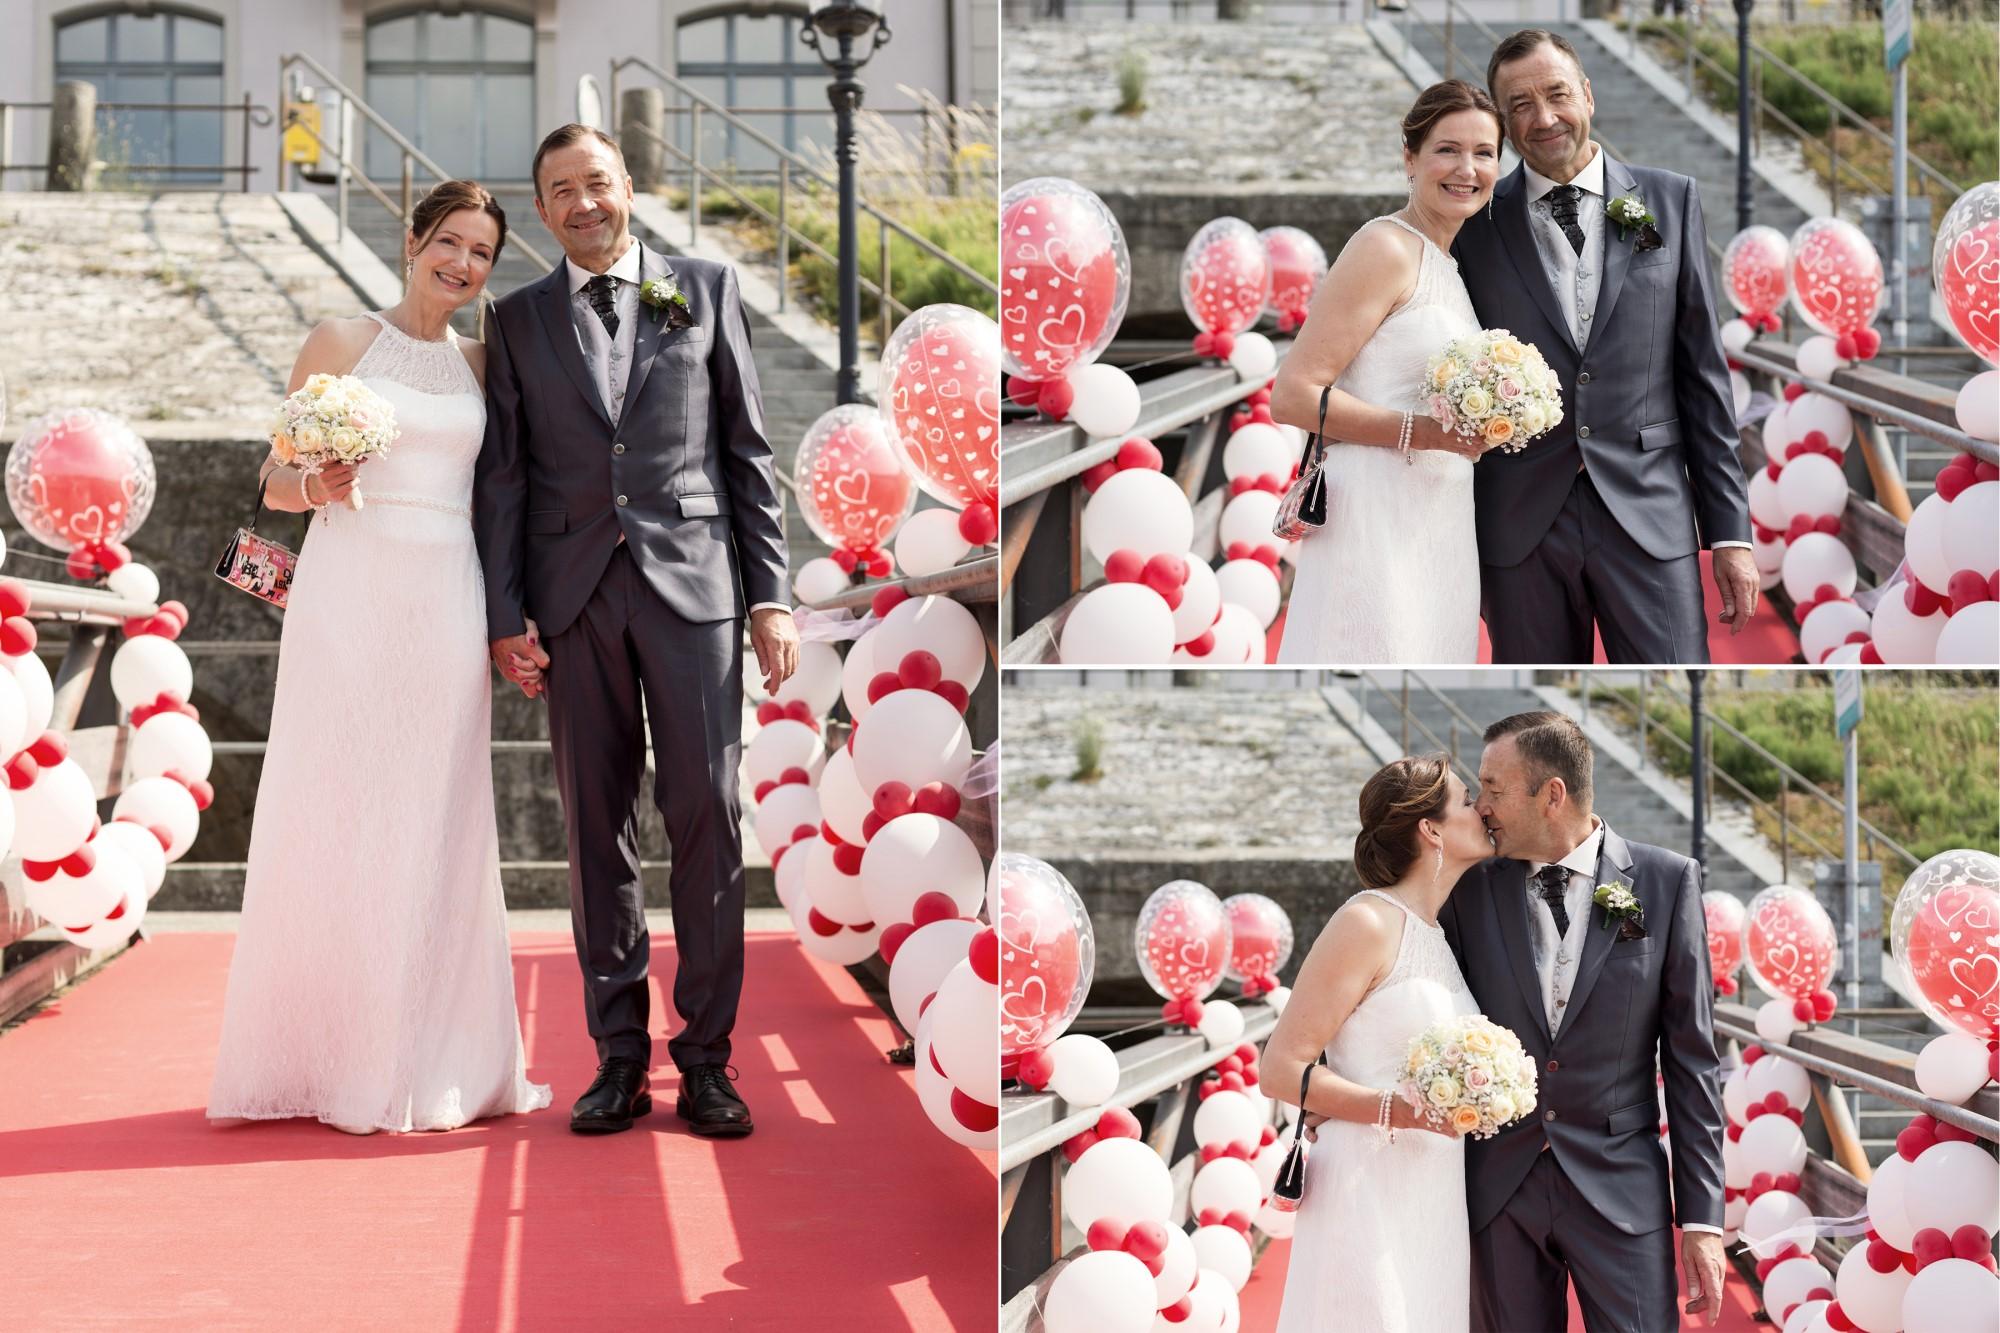 Das Brautpaar auf dem Steg mit den Ballons